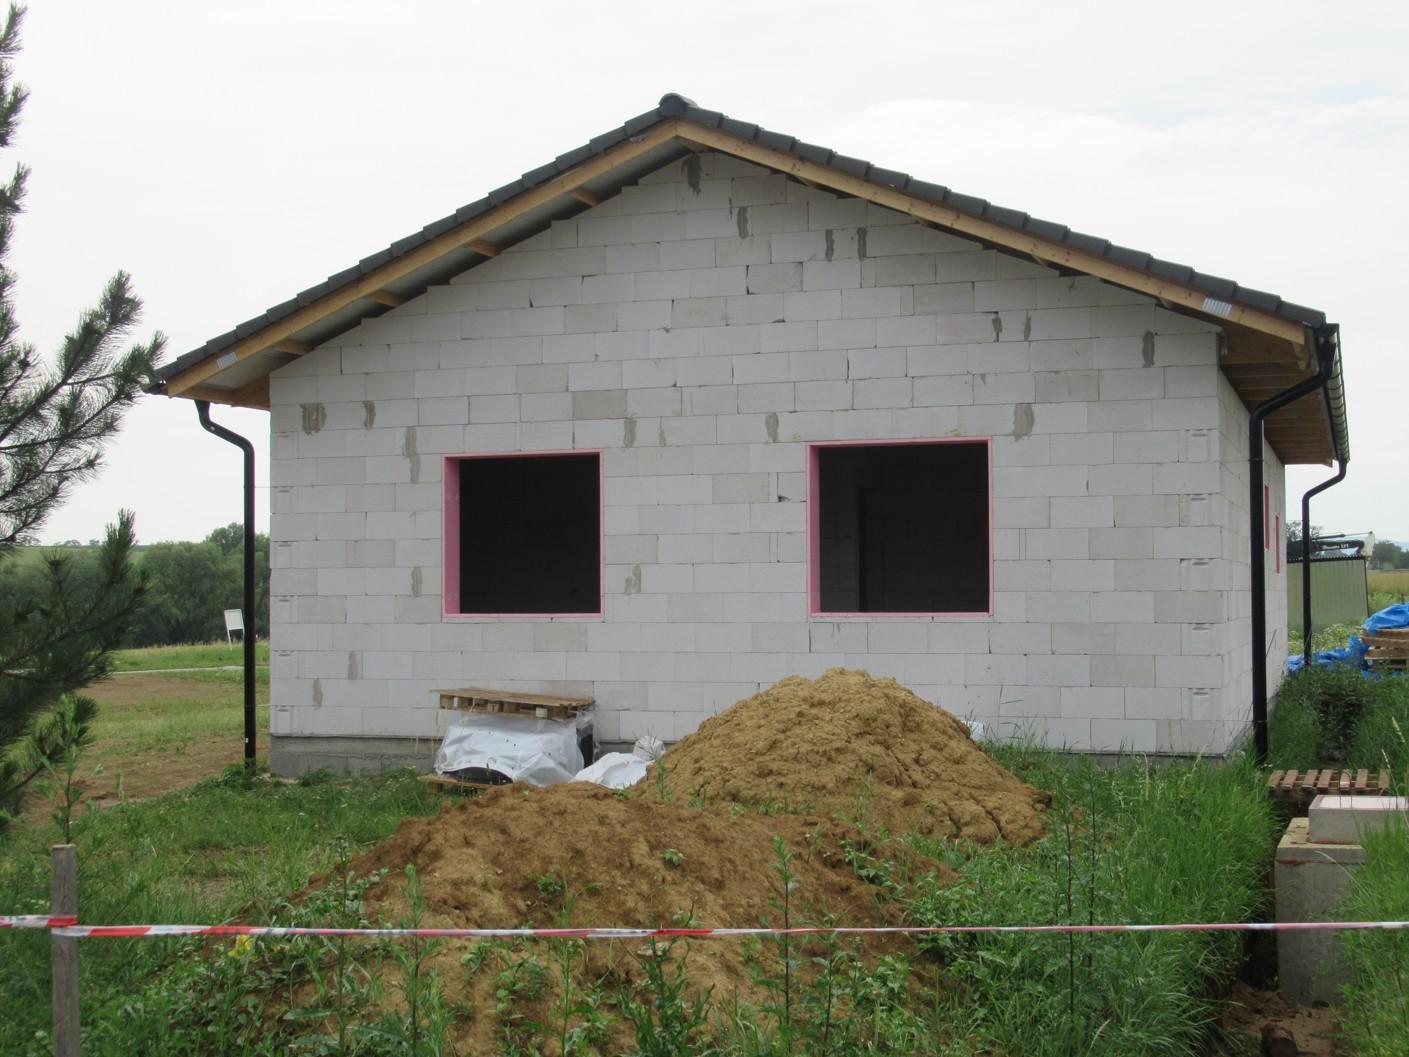 Väzníková strecha na kľúč s krytinou Terran Danubia Colorsystém Antracit Klasov okr. Nitra - Obrázok č. 1